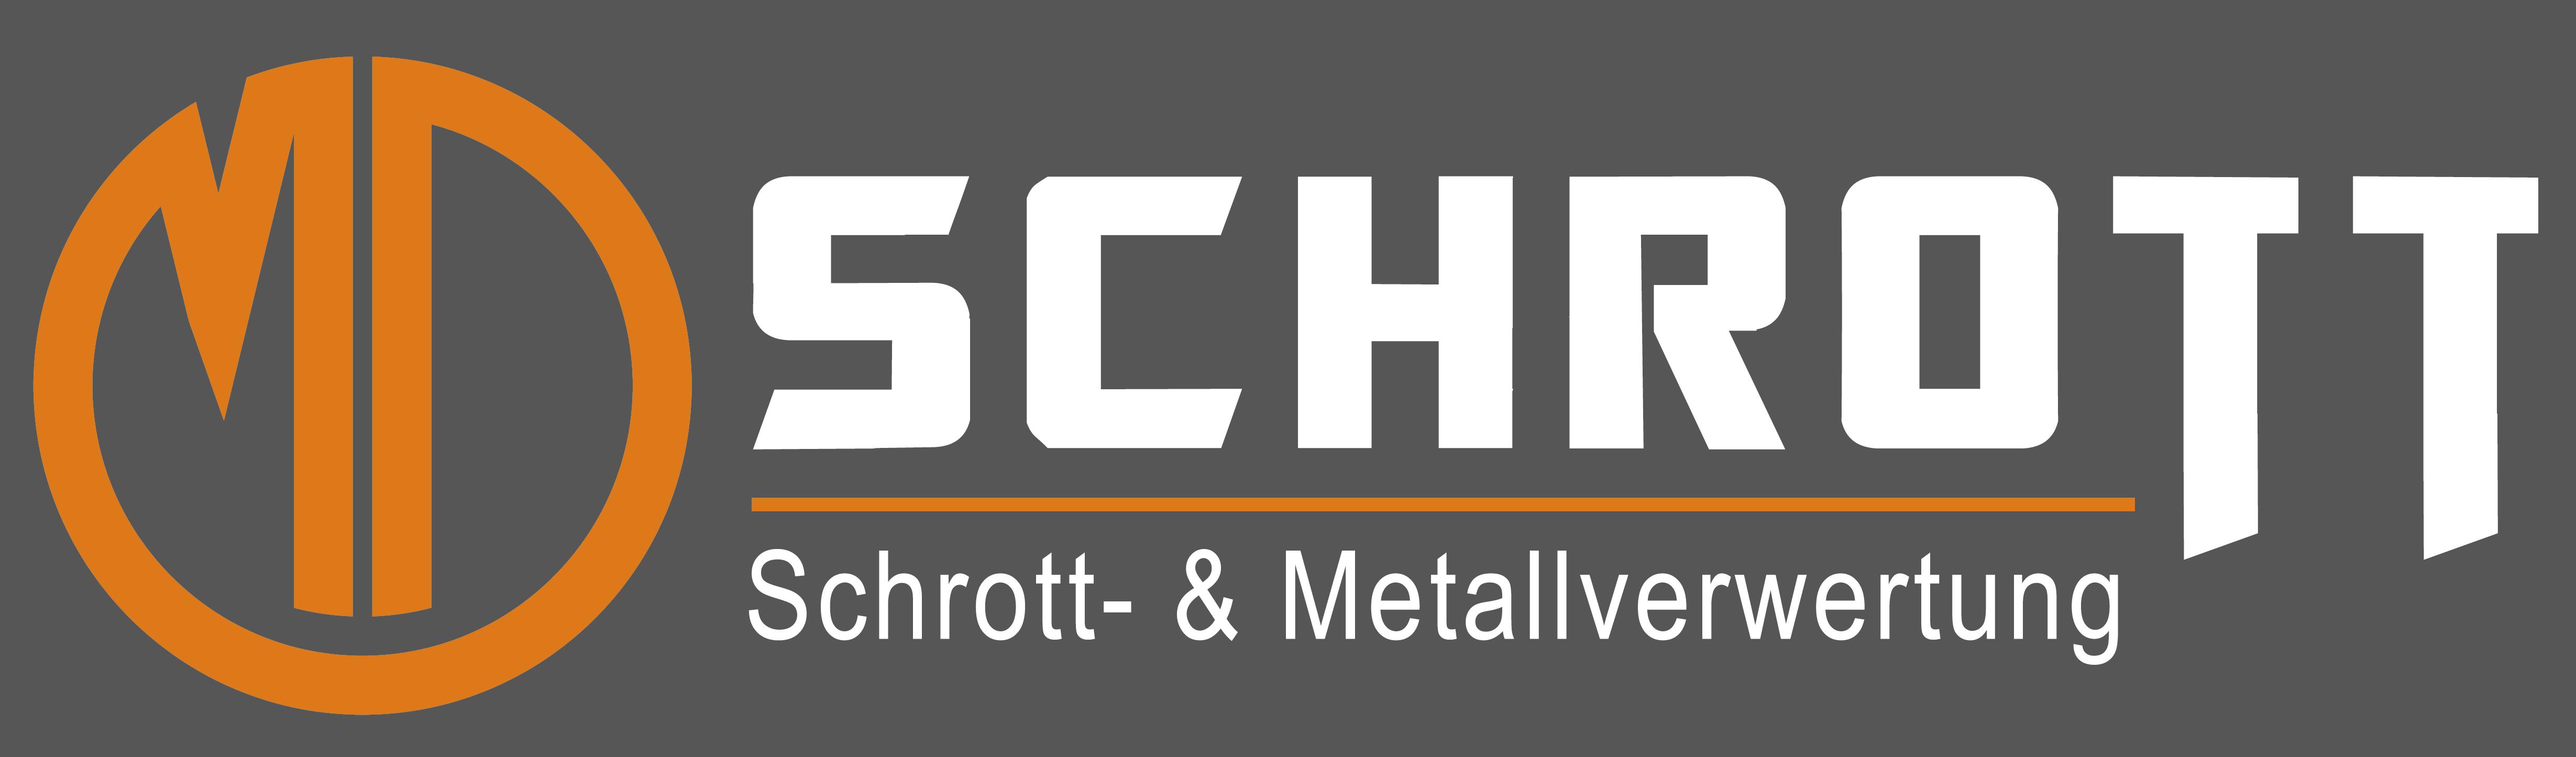 MD Schrott – Murat Dinc - Schrott-, & Metallverwertung aus Eggelsberg | Ihr Ansprechpartner für den Ankauf von Kupfer-, Messing-, Aluminium-, Blei-, Zink-, Edelstahl-, Stahl-, Kabel-, und Elektroschrott aus Eggelsberg in Oberösterreich